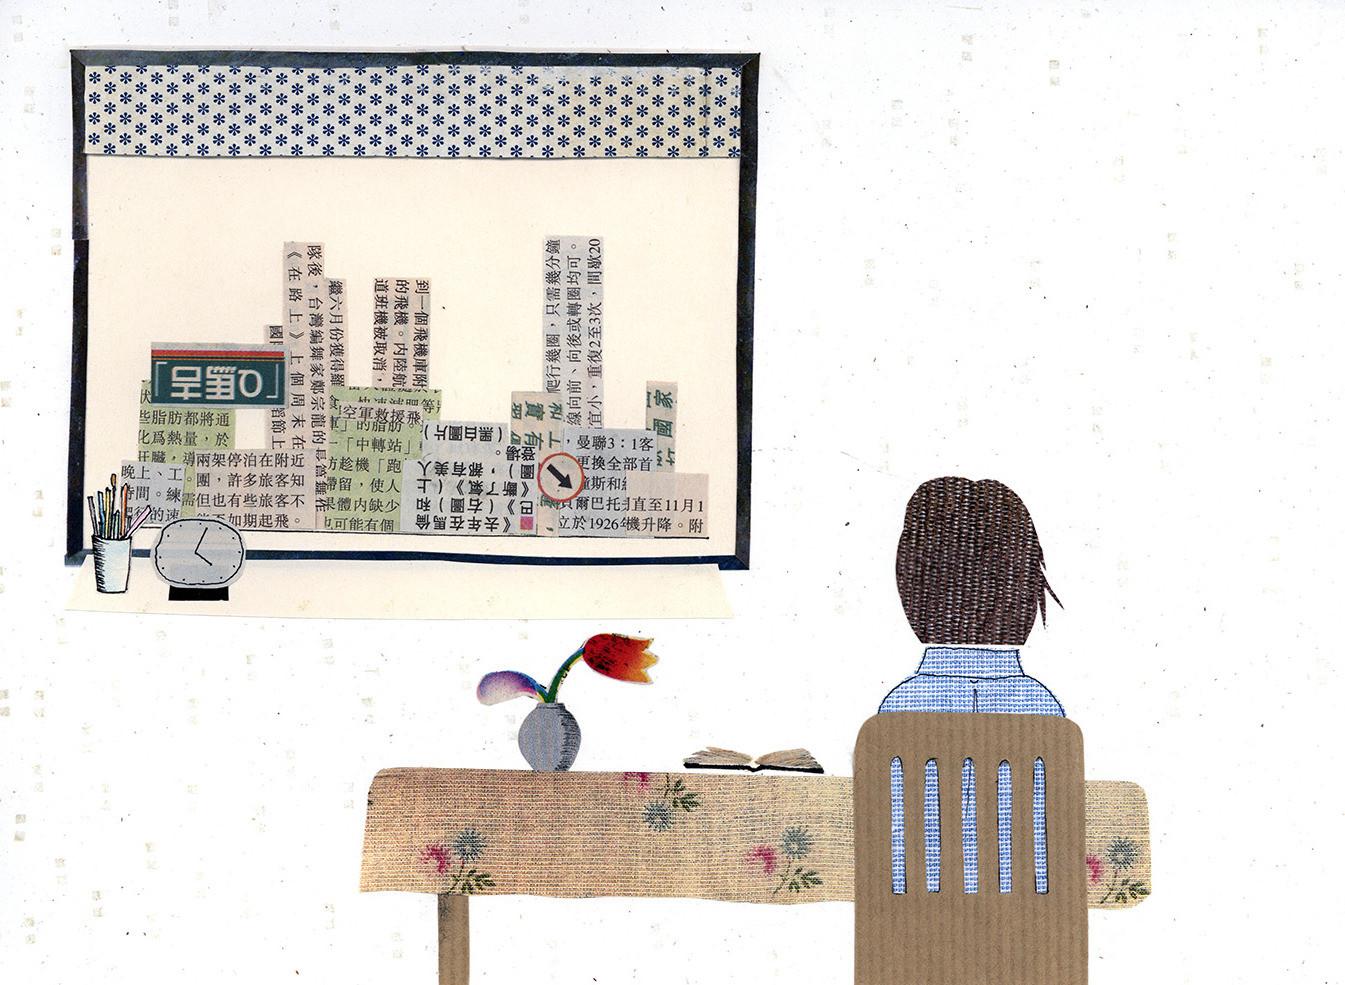 Sabine Rufener Illustration Kinderbuch Collage Kindheit Erinnerung Tollwut Fuchs fremde Stadt